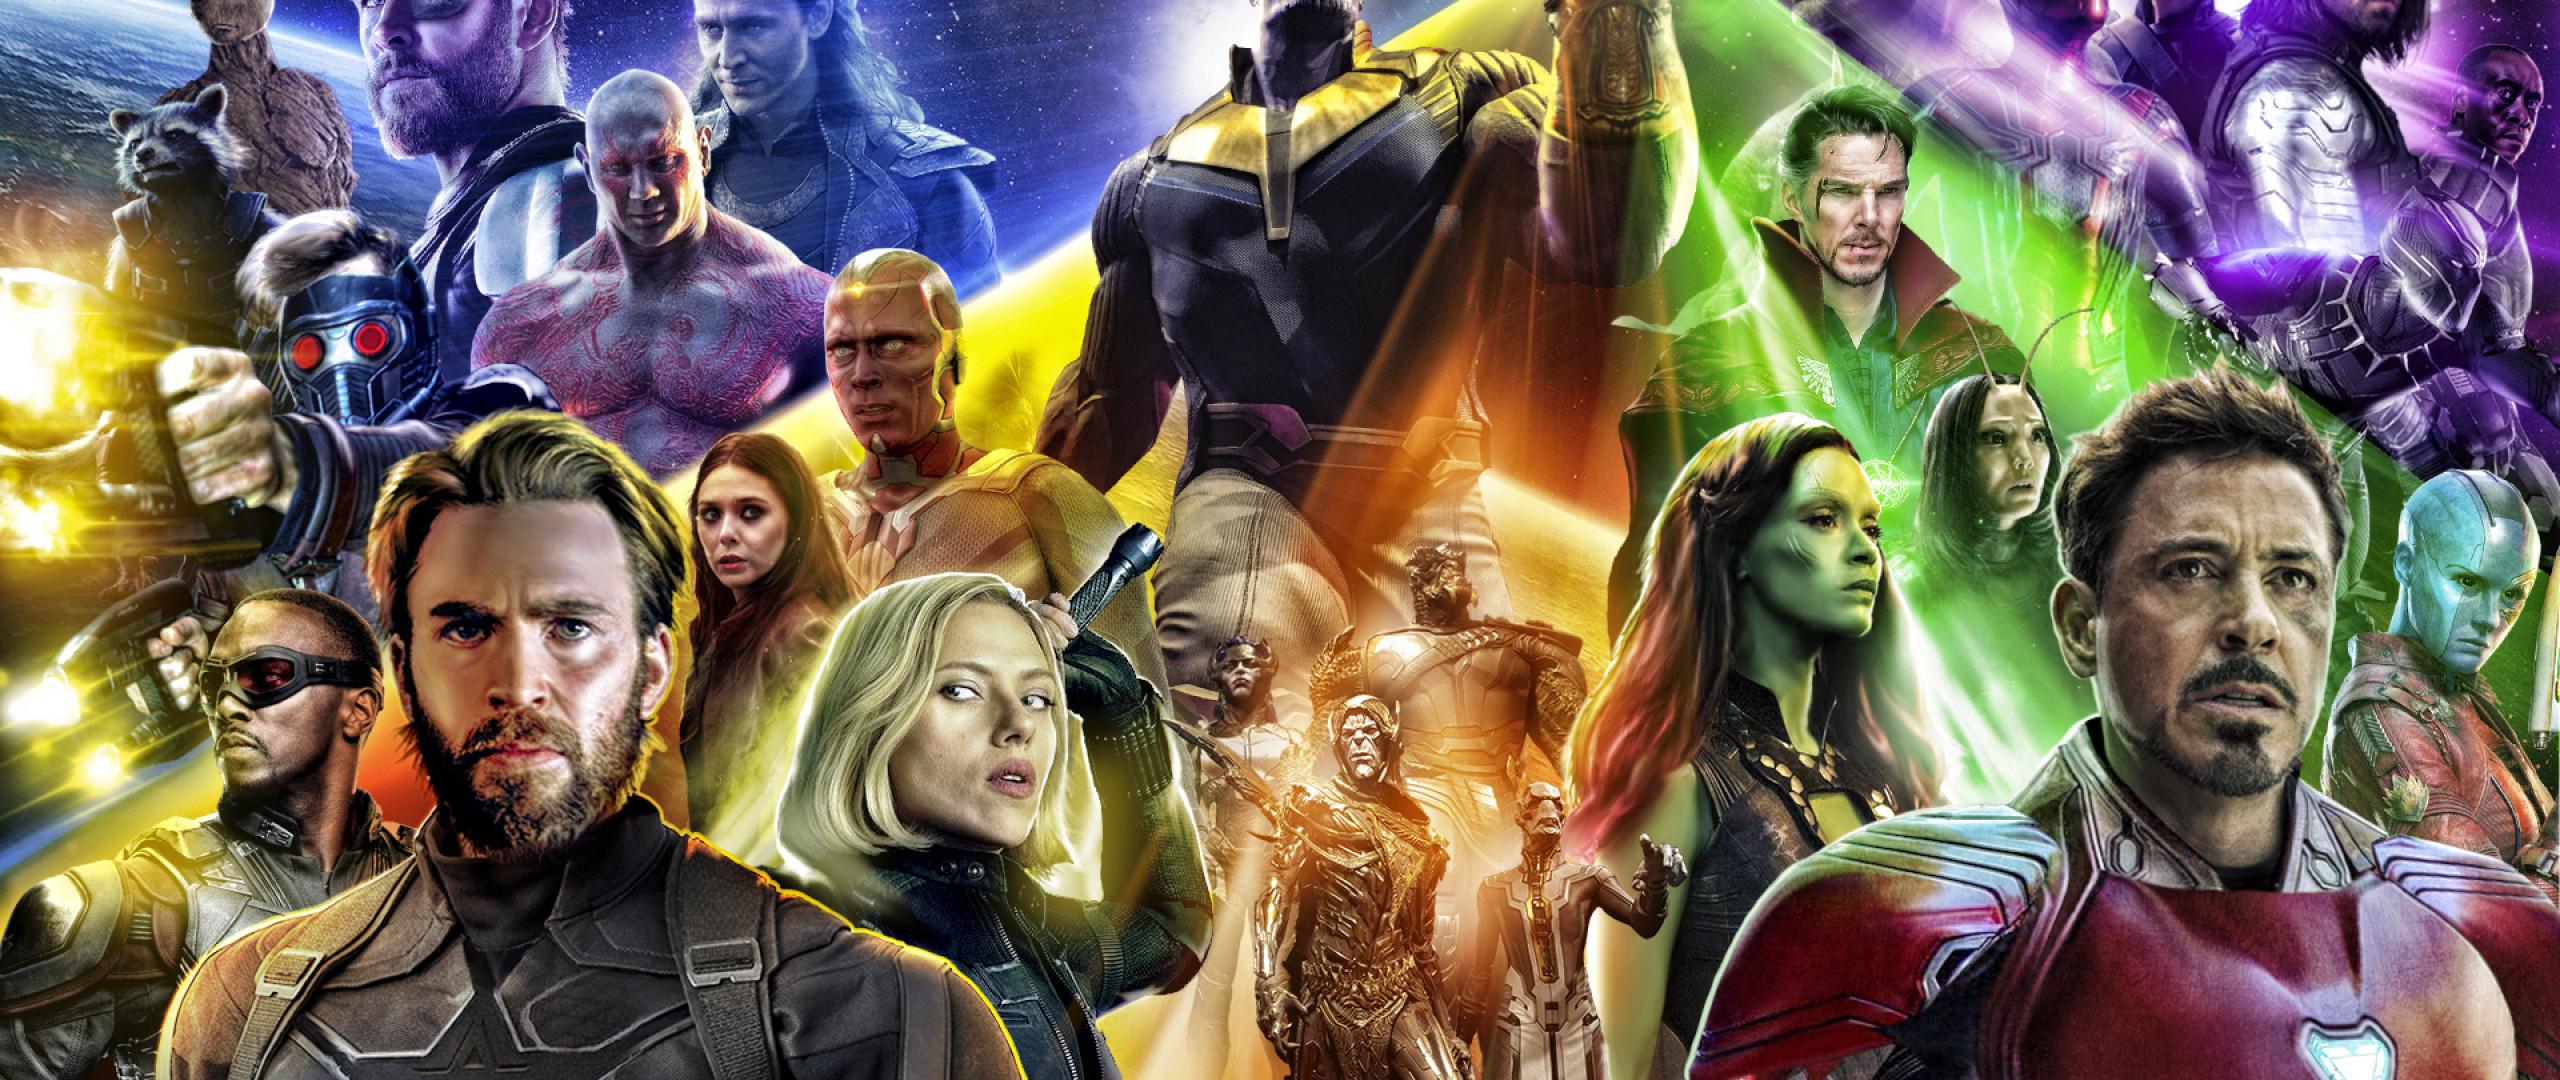 Avengers Infinity War 2018 Thanos 4k Uhd 3 2 3840x2560: Avengers Infinty War 2018 Poster, Full HD Wallpaper